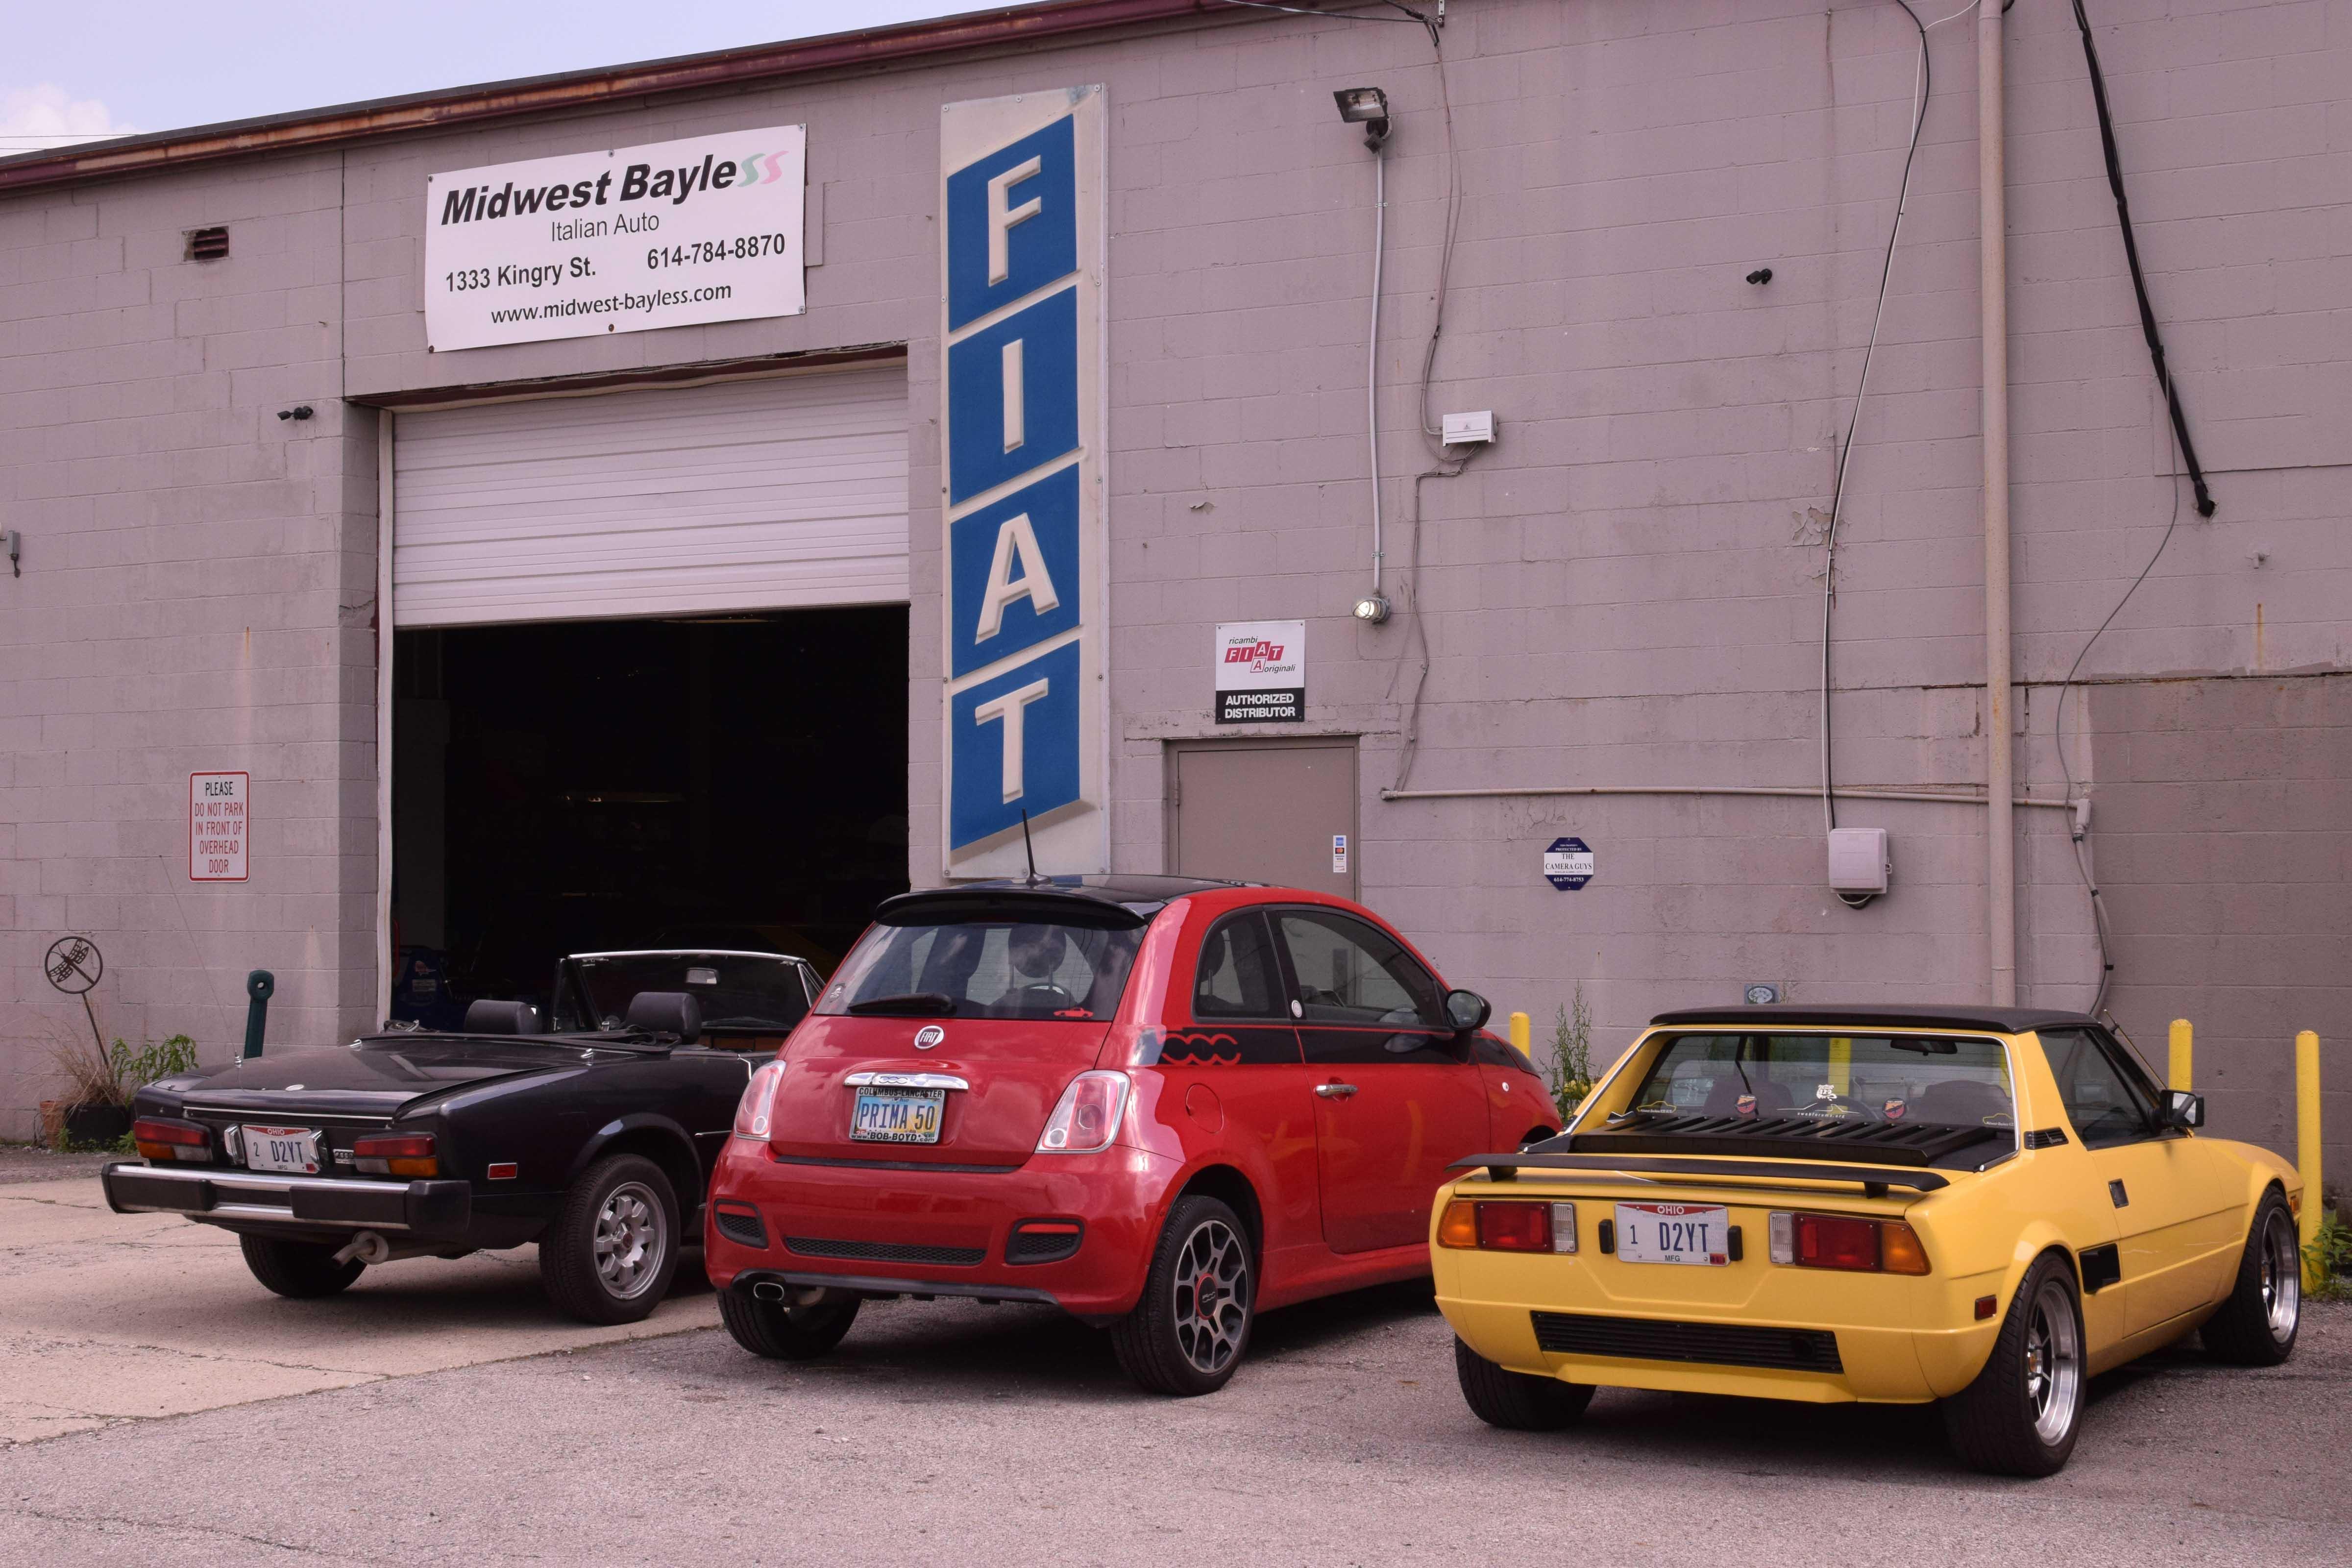 Fiat Shop cars parked